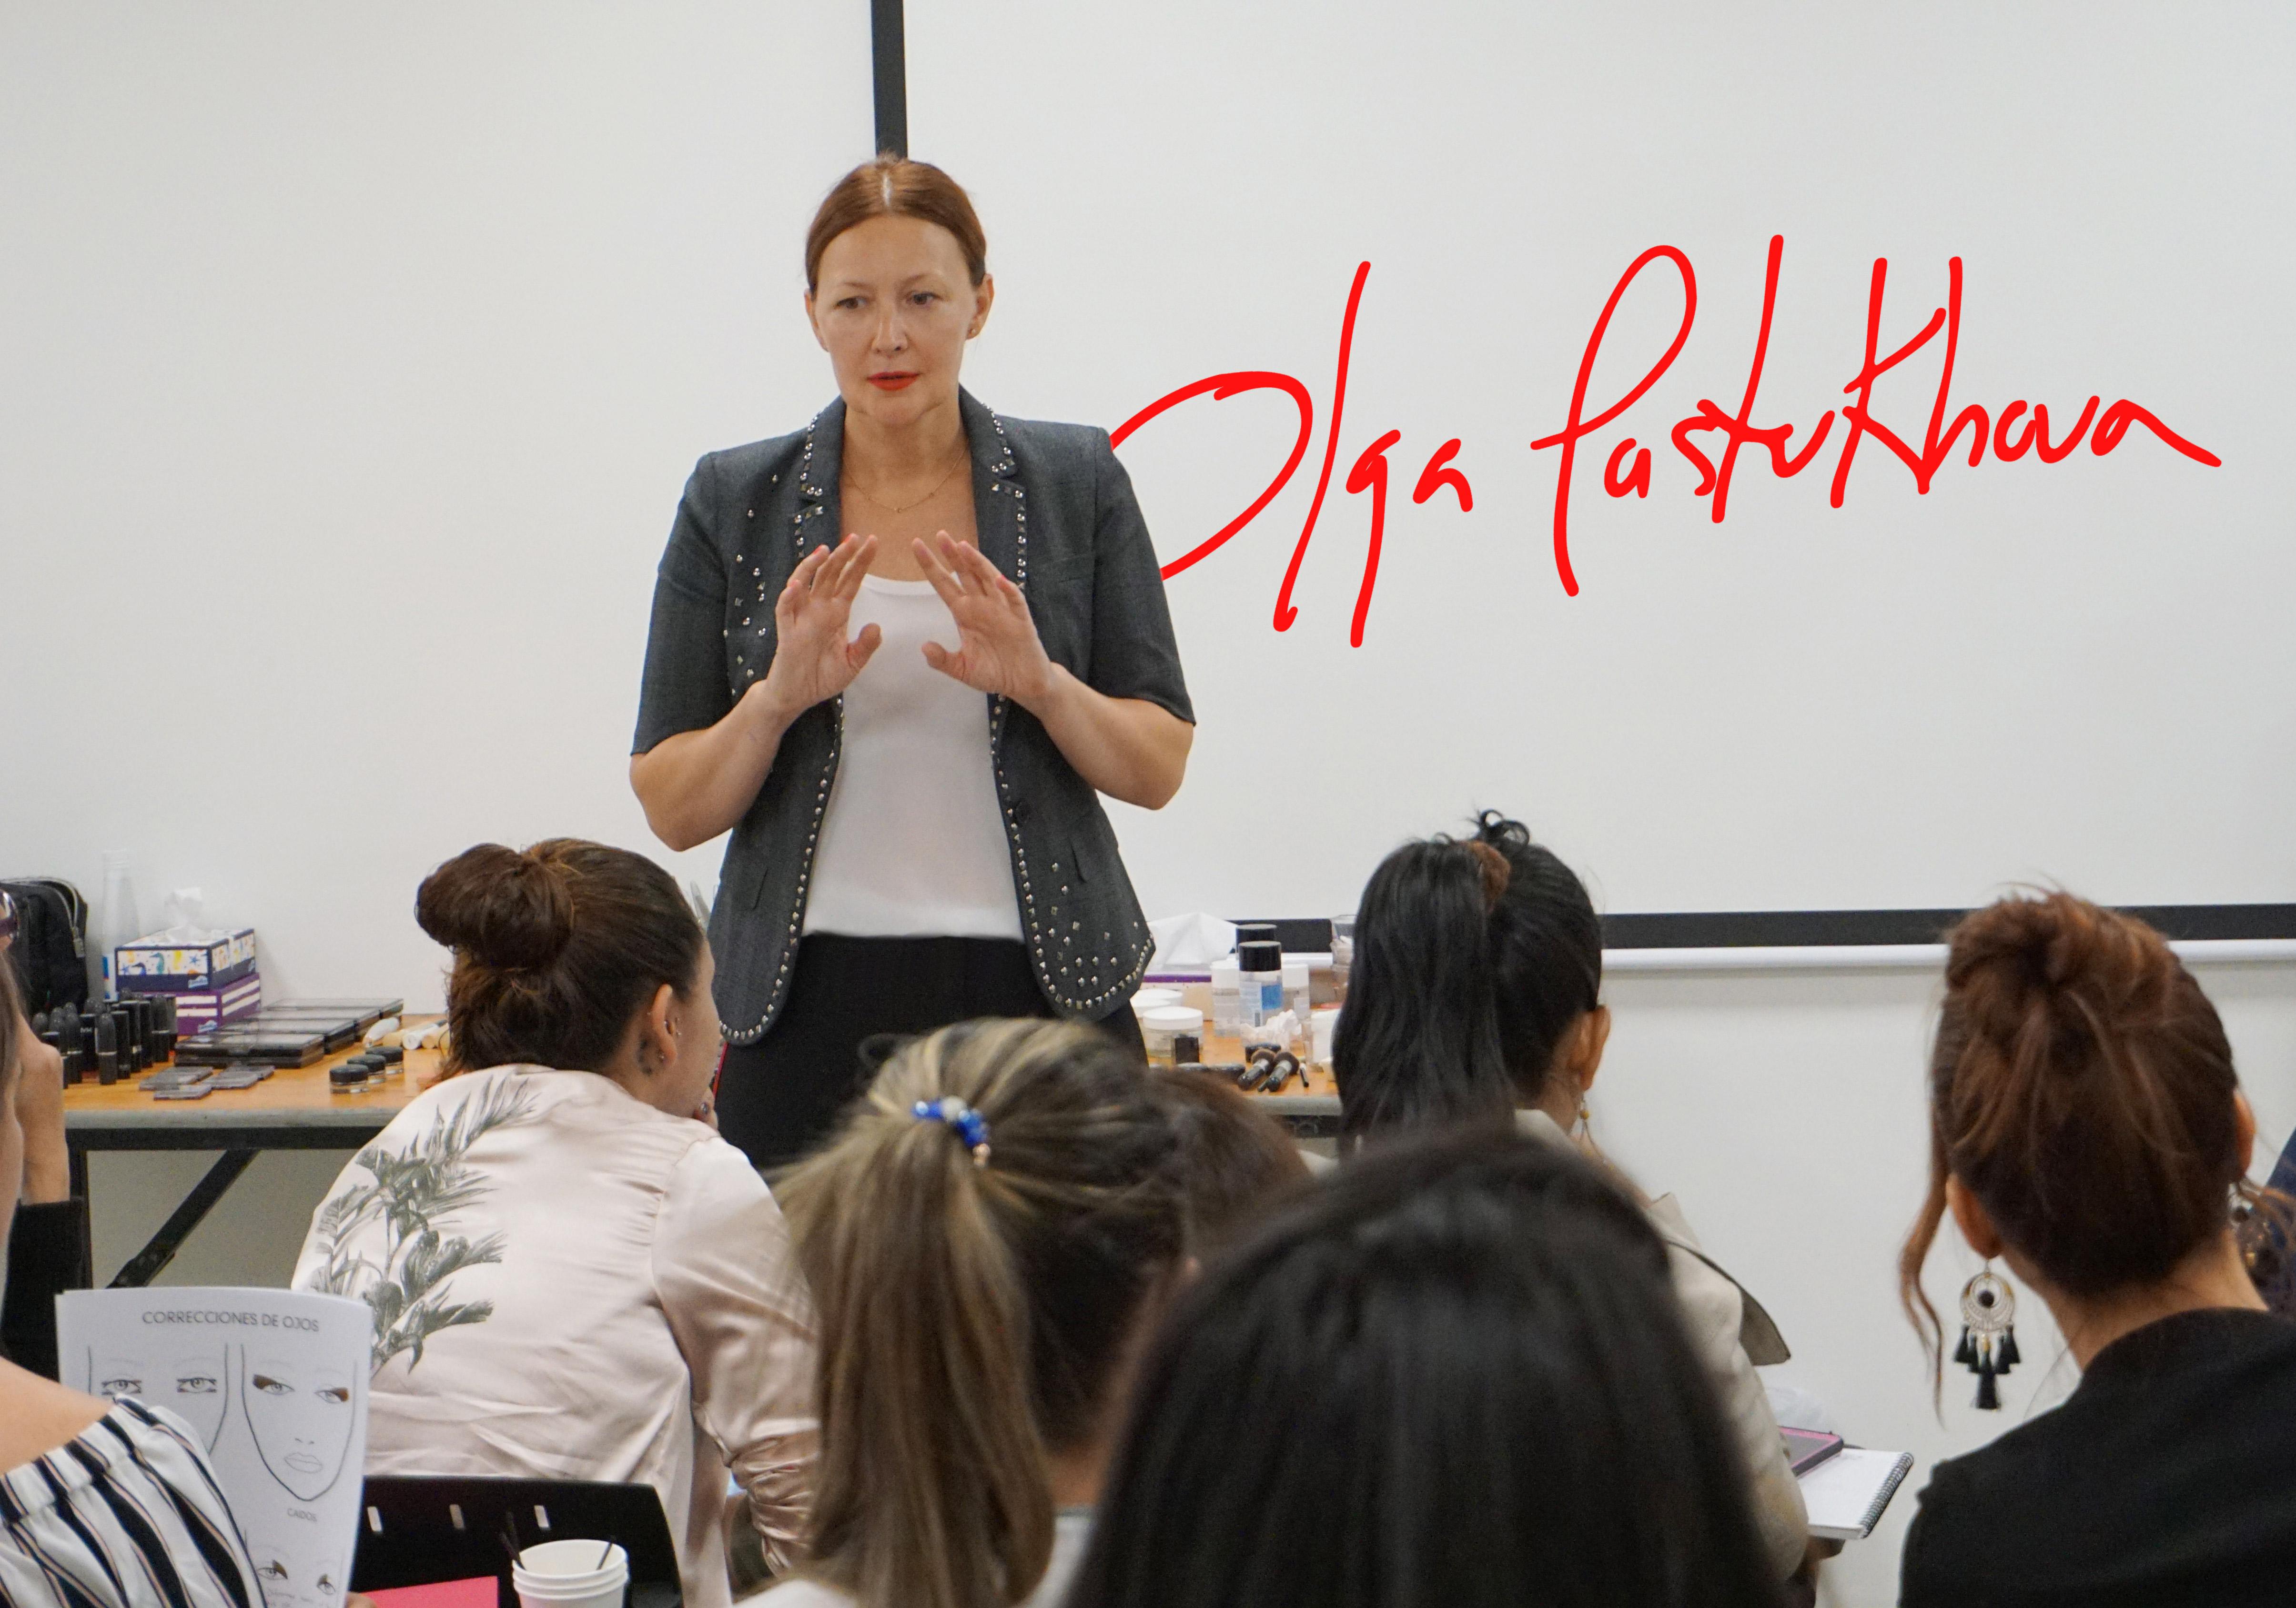 cursos_maquillaje_olga-pastukhova-23